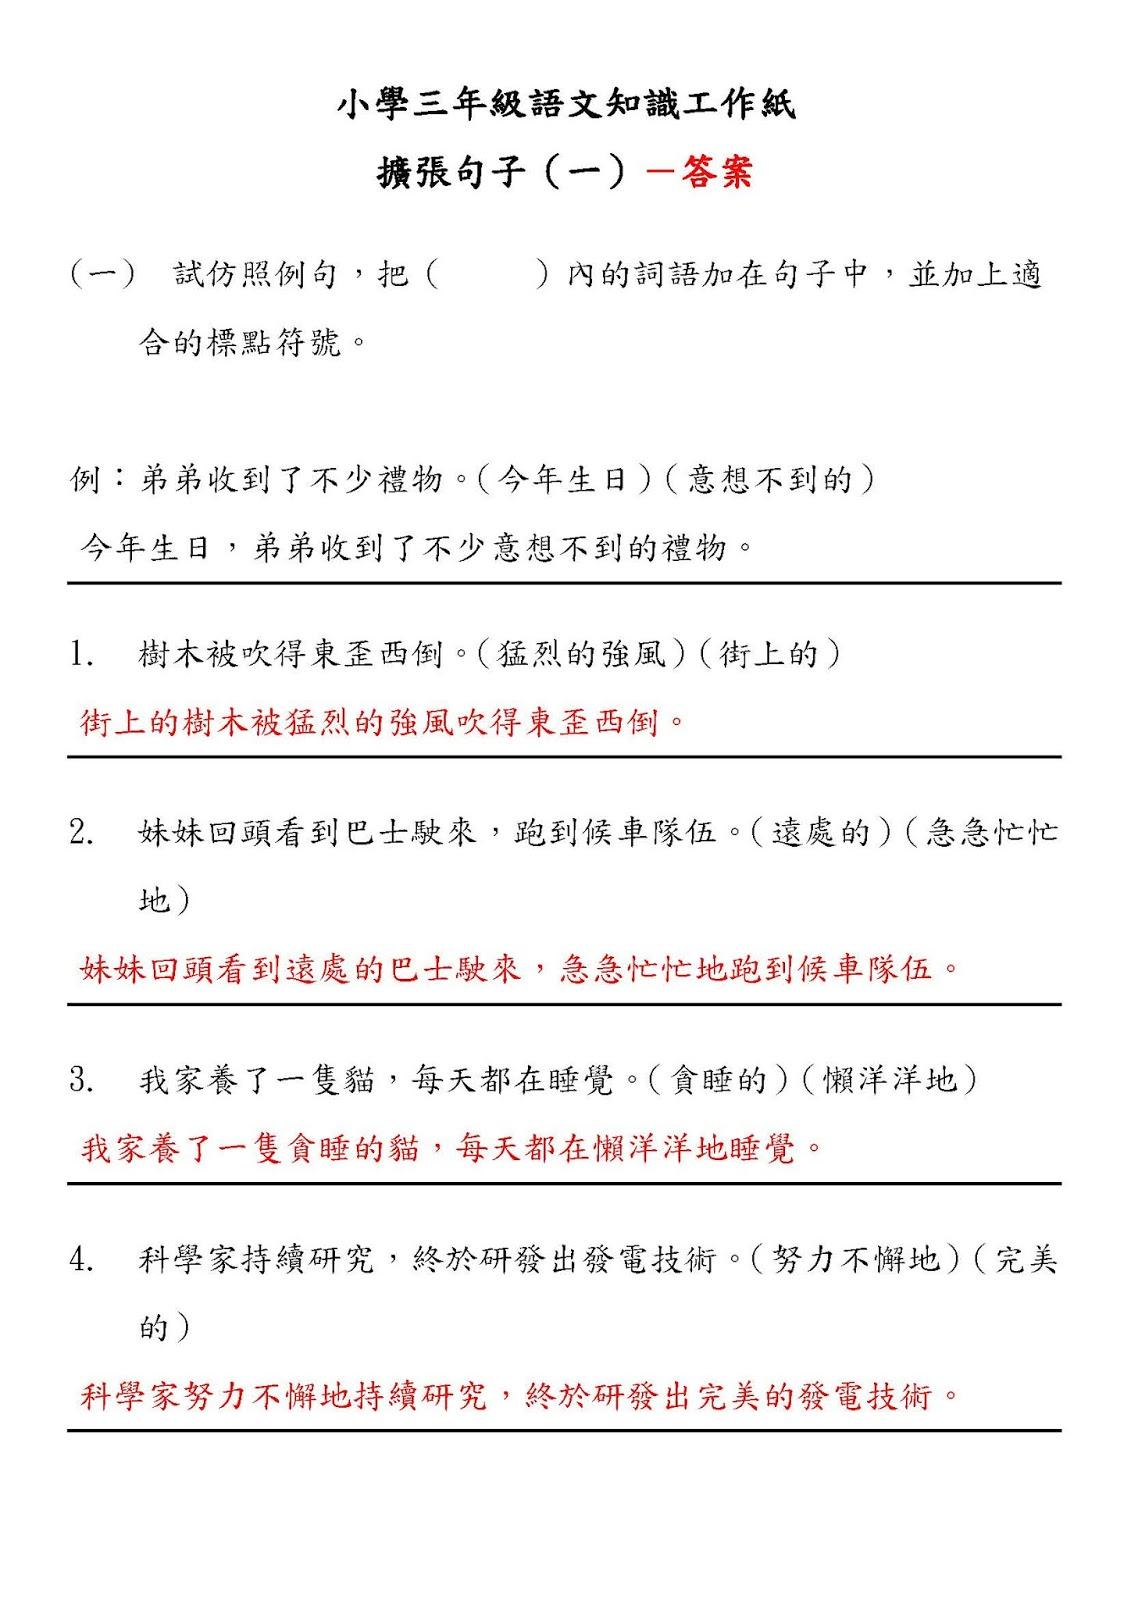 小三語文知識工作紙:擴寫句子(一) 中文工作紙 尤莉姐姐的反轉學堂